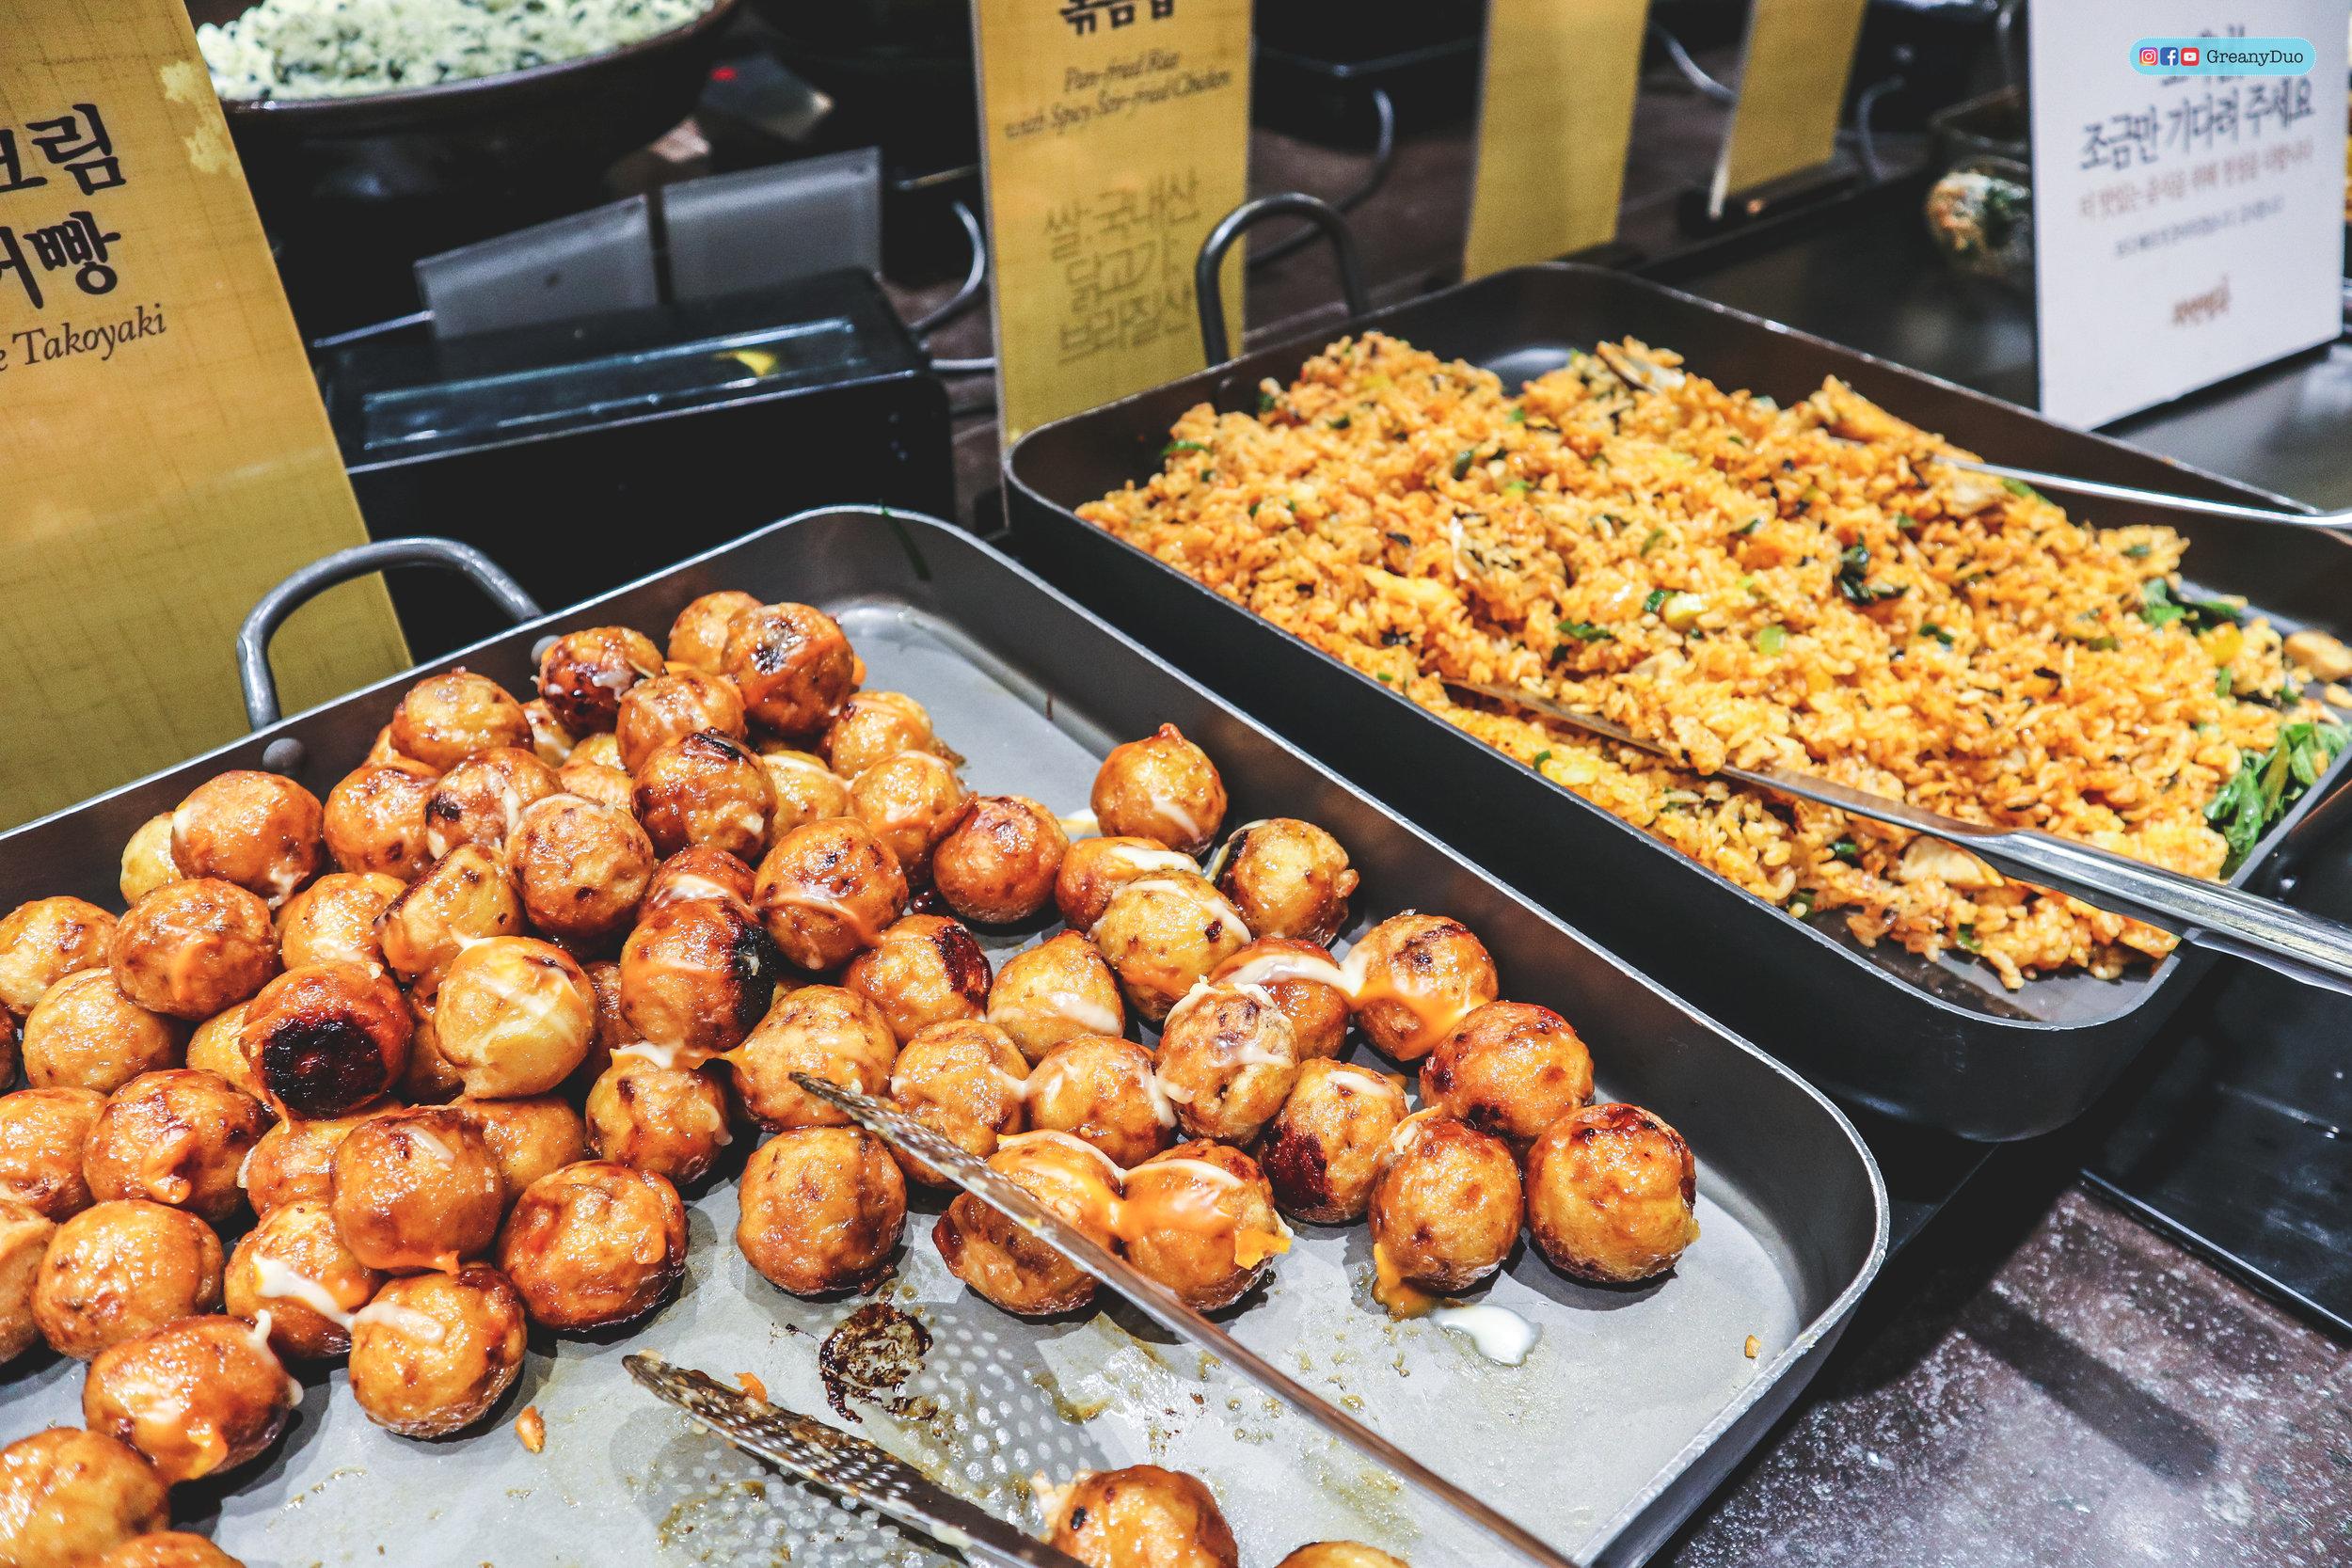 sidedishes at nature kitchen buffet, seoul korea